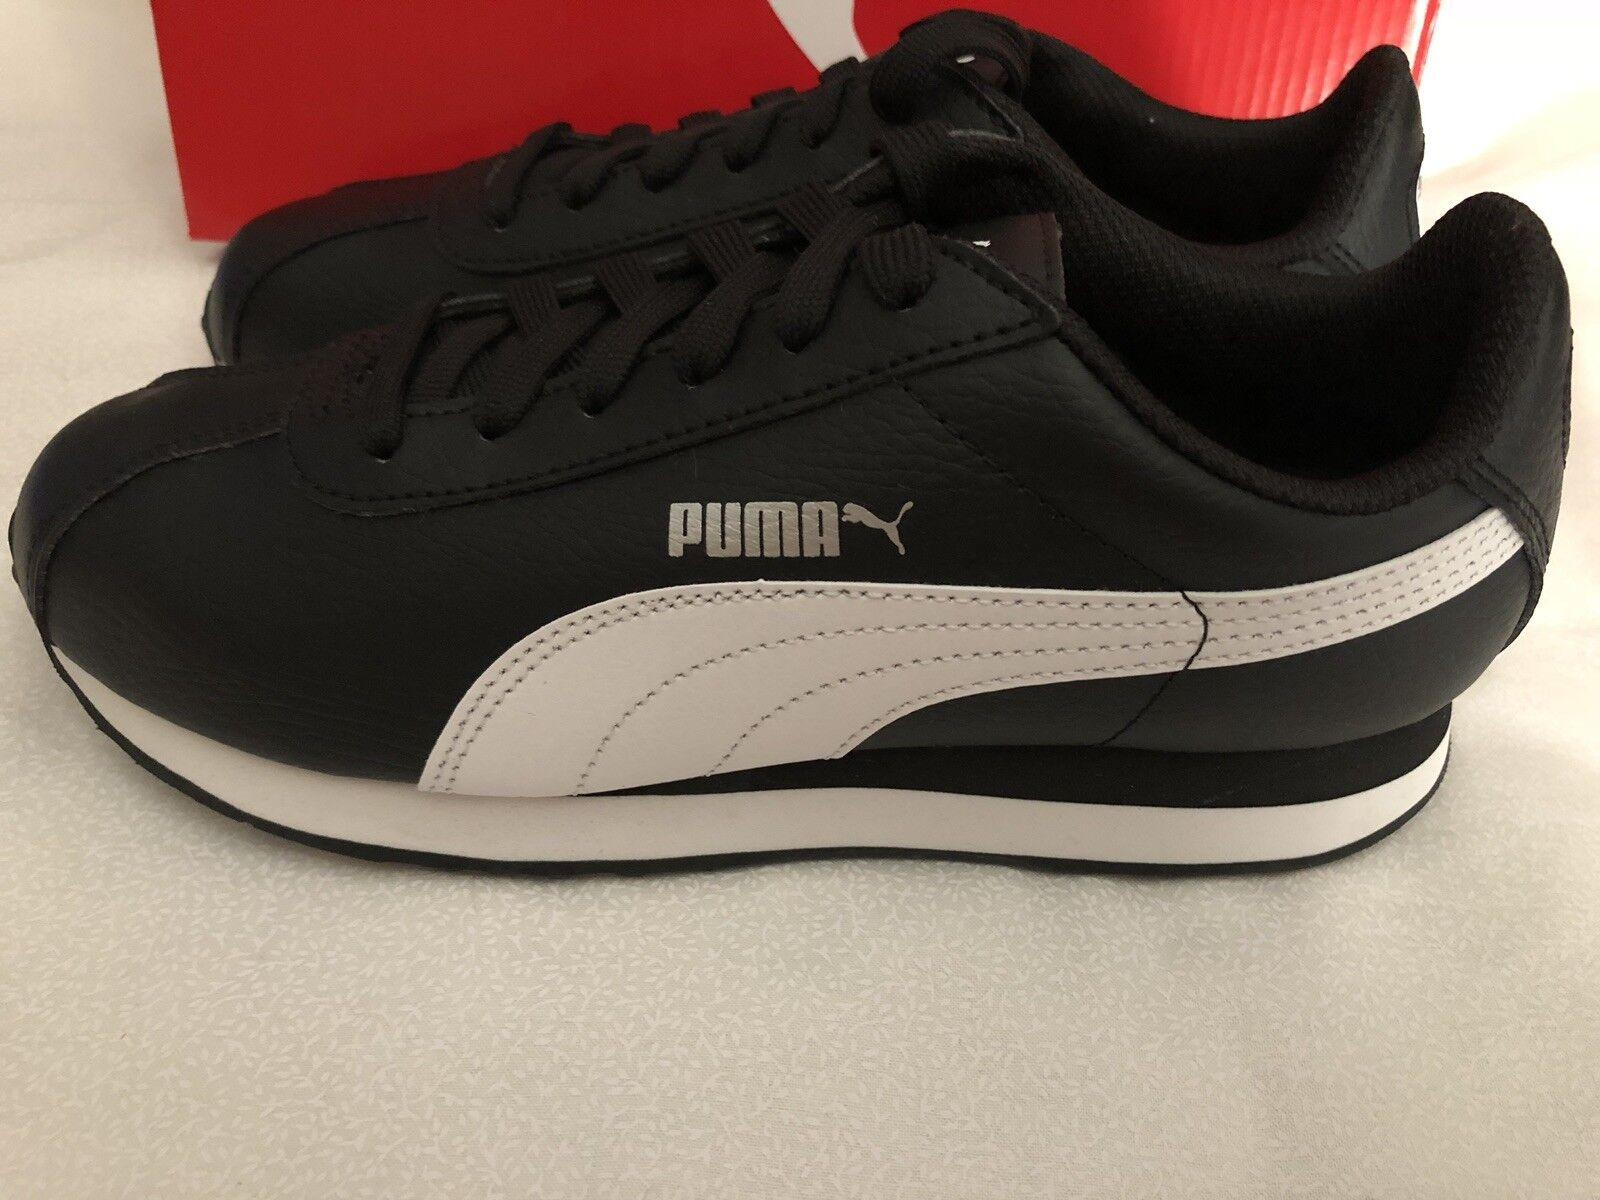 us 5c shoe size